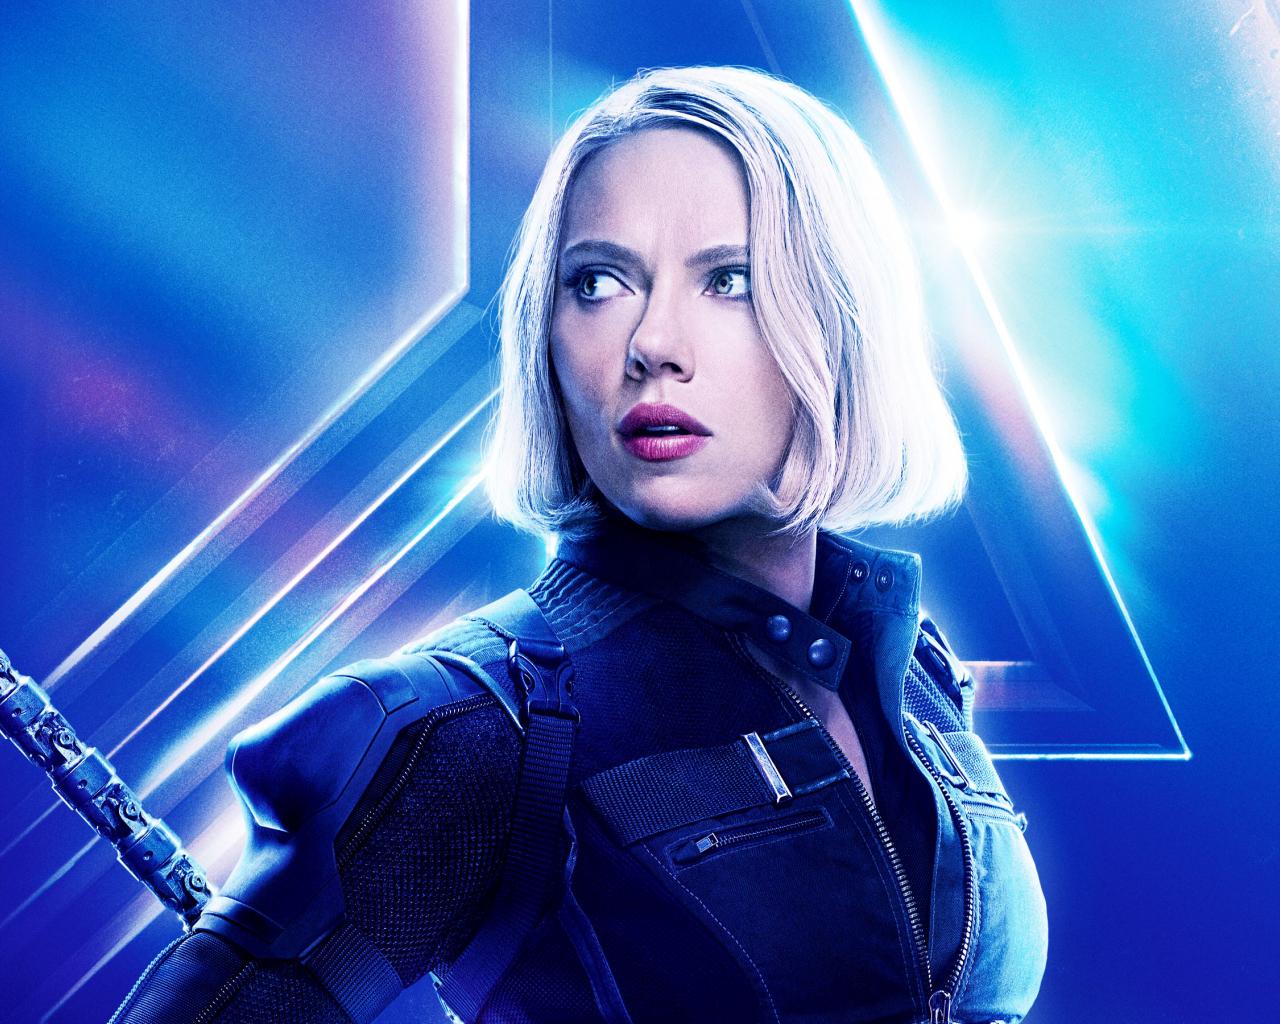 Free Download Avengers Infinity War In Black Widow Hd